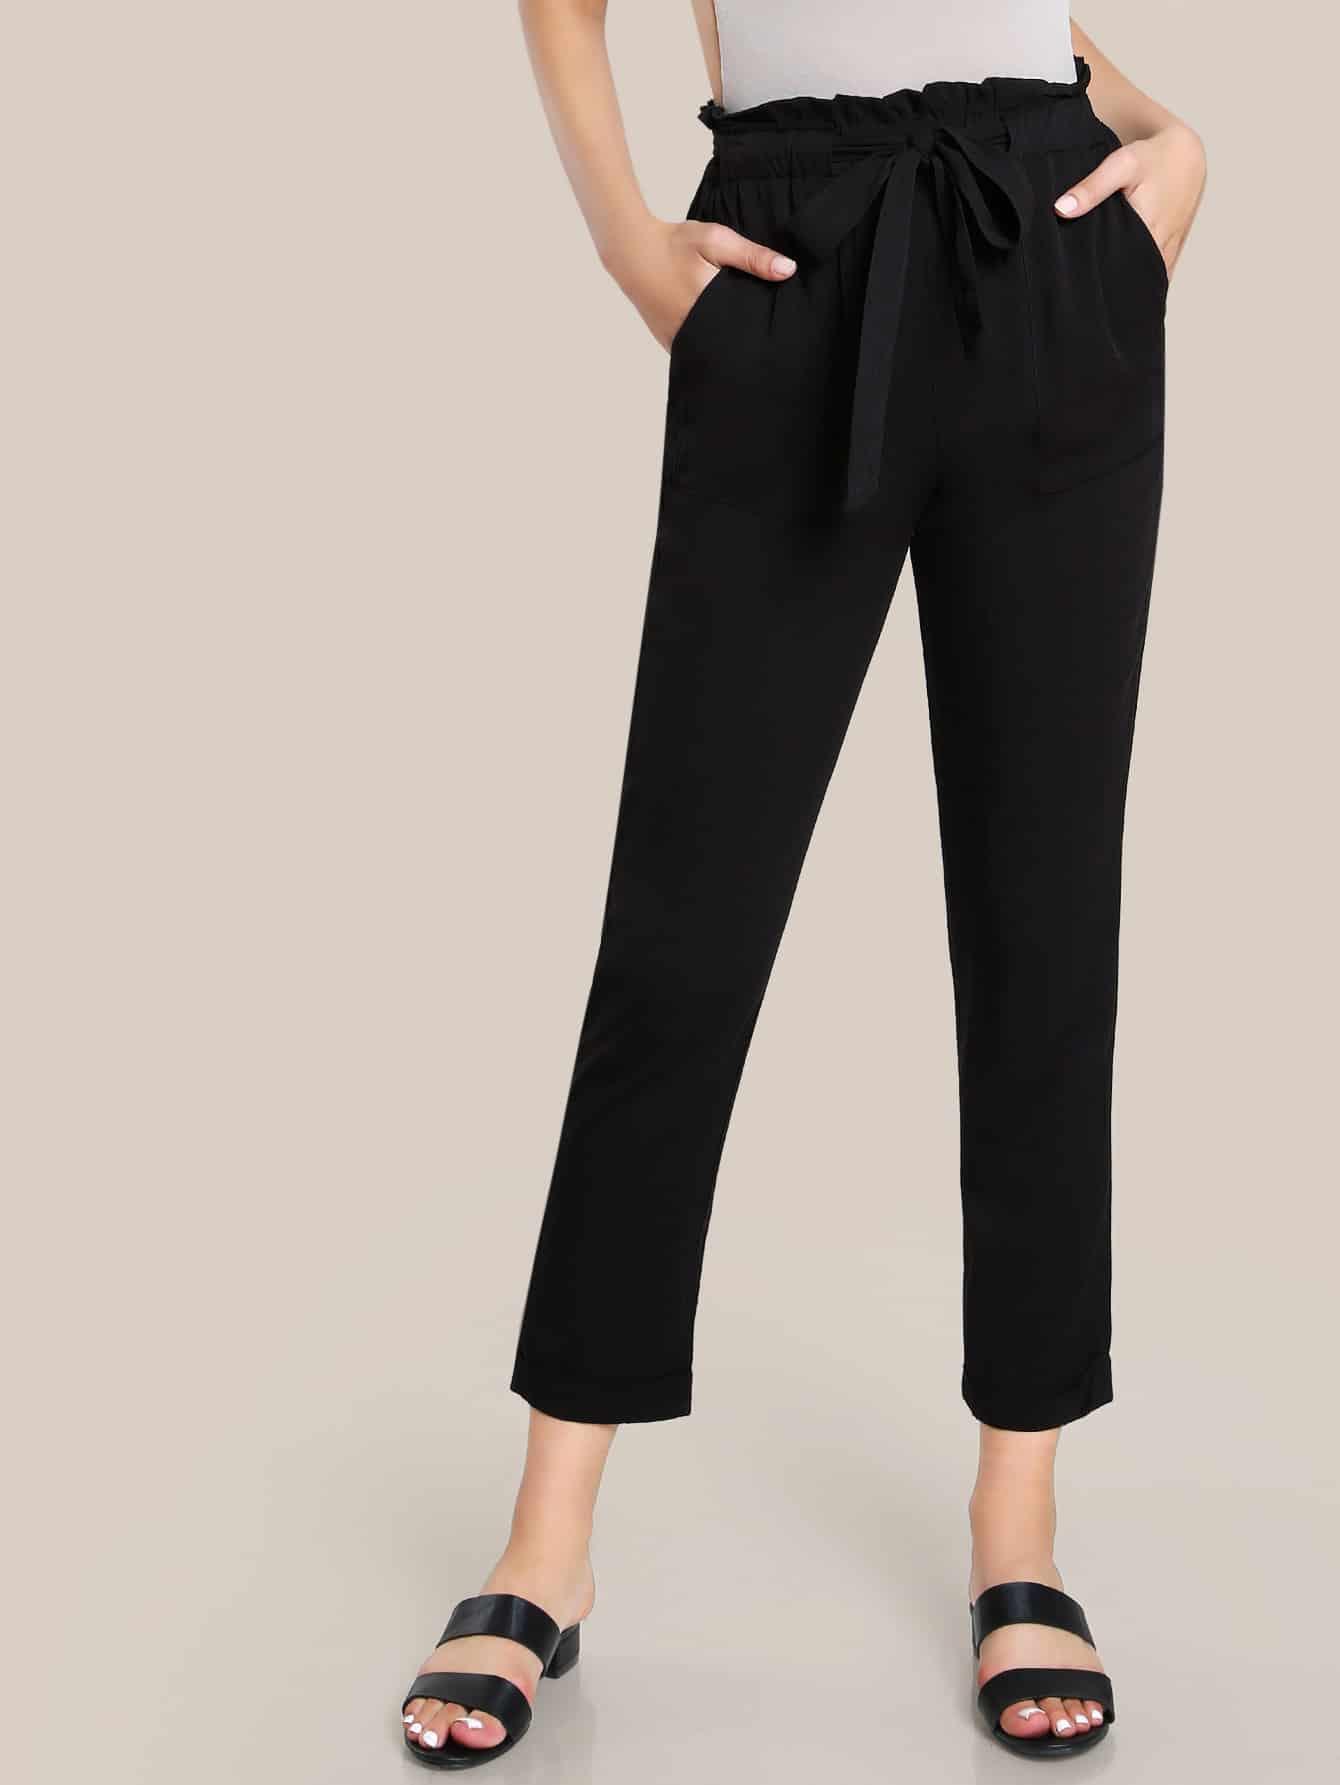 Ruffle Waist Belted Peg Pants ruffle waist belted peg pants